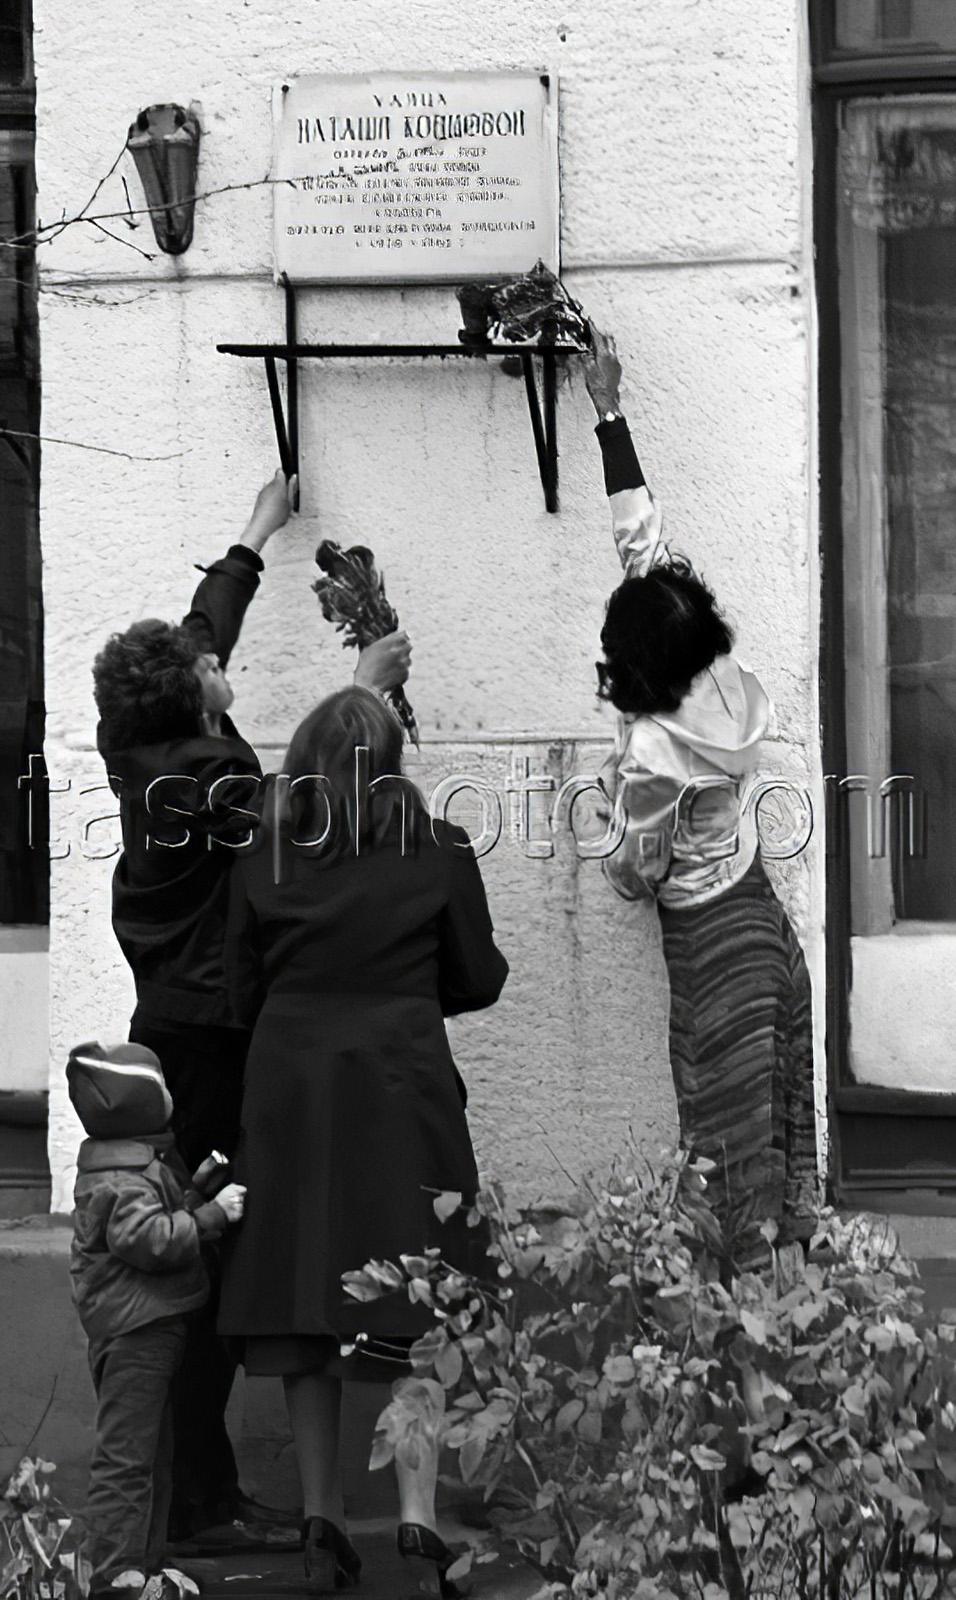 1981 Мемориальная доска на улице Наташи Ковшовой. Фото Романа Денисова_cmpk